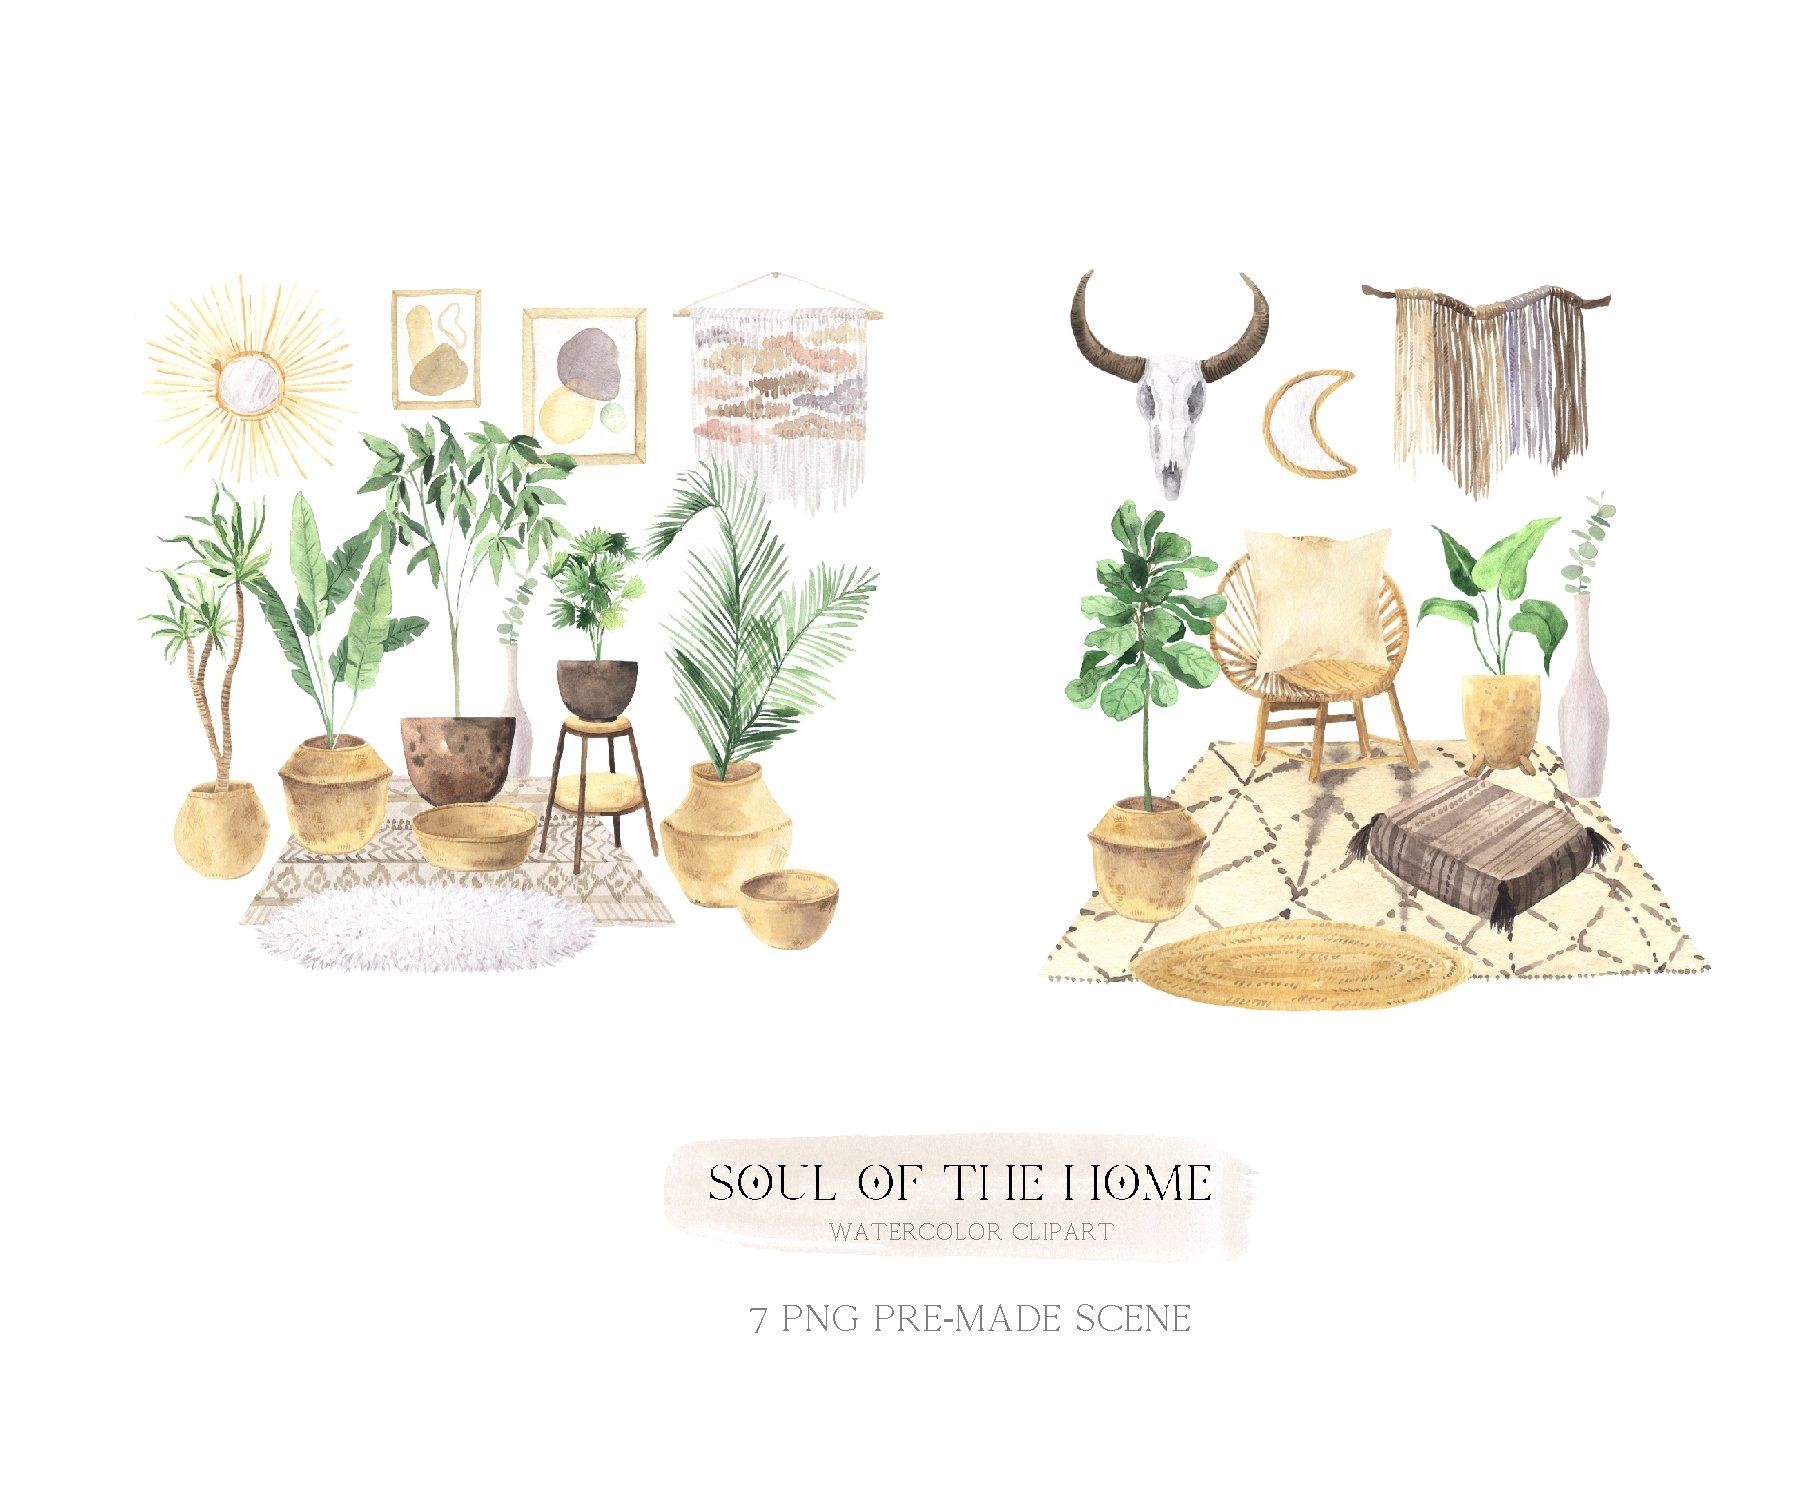 现代新潮手绘波西米亚风室内盆栽植物水彩剪贴画PNG免抠图片素材 Boho Home Interior Clipart插图(9)